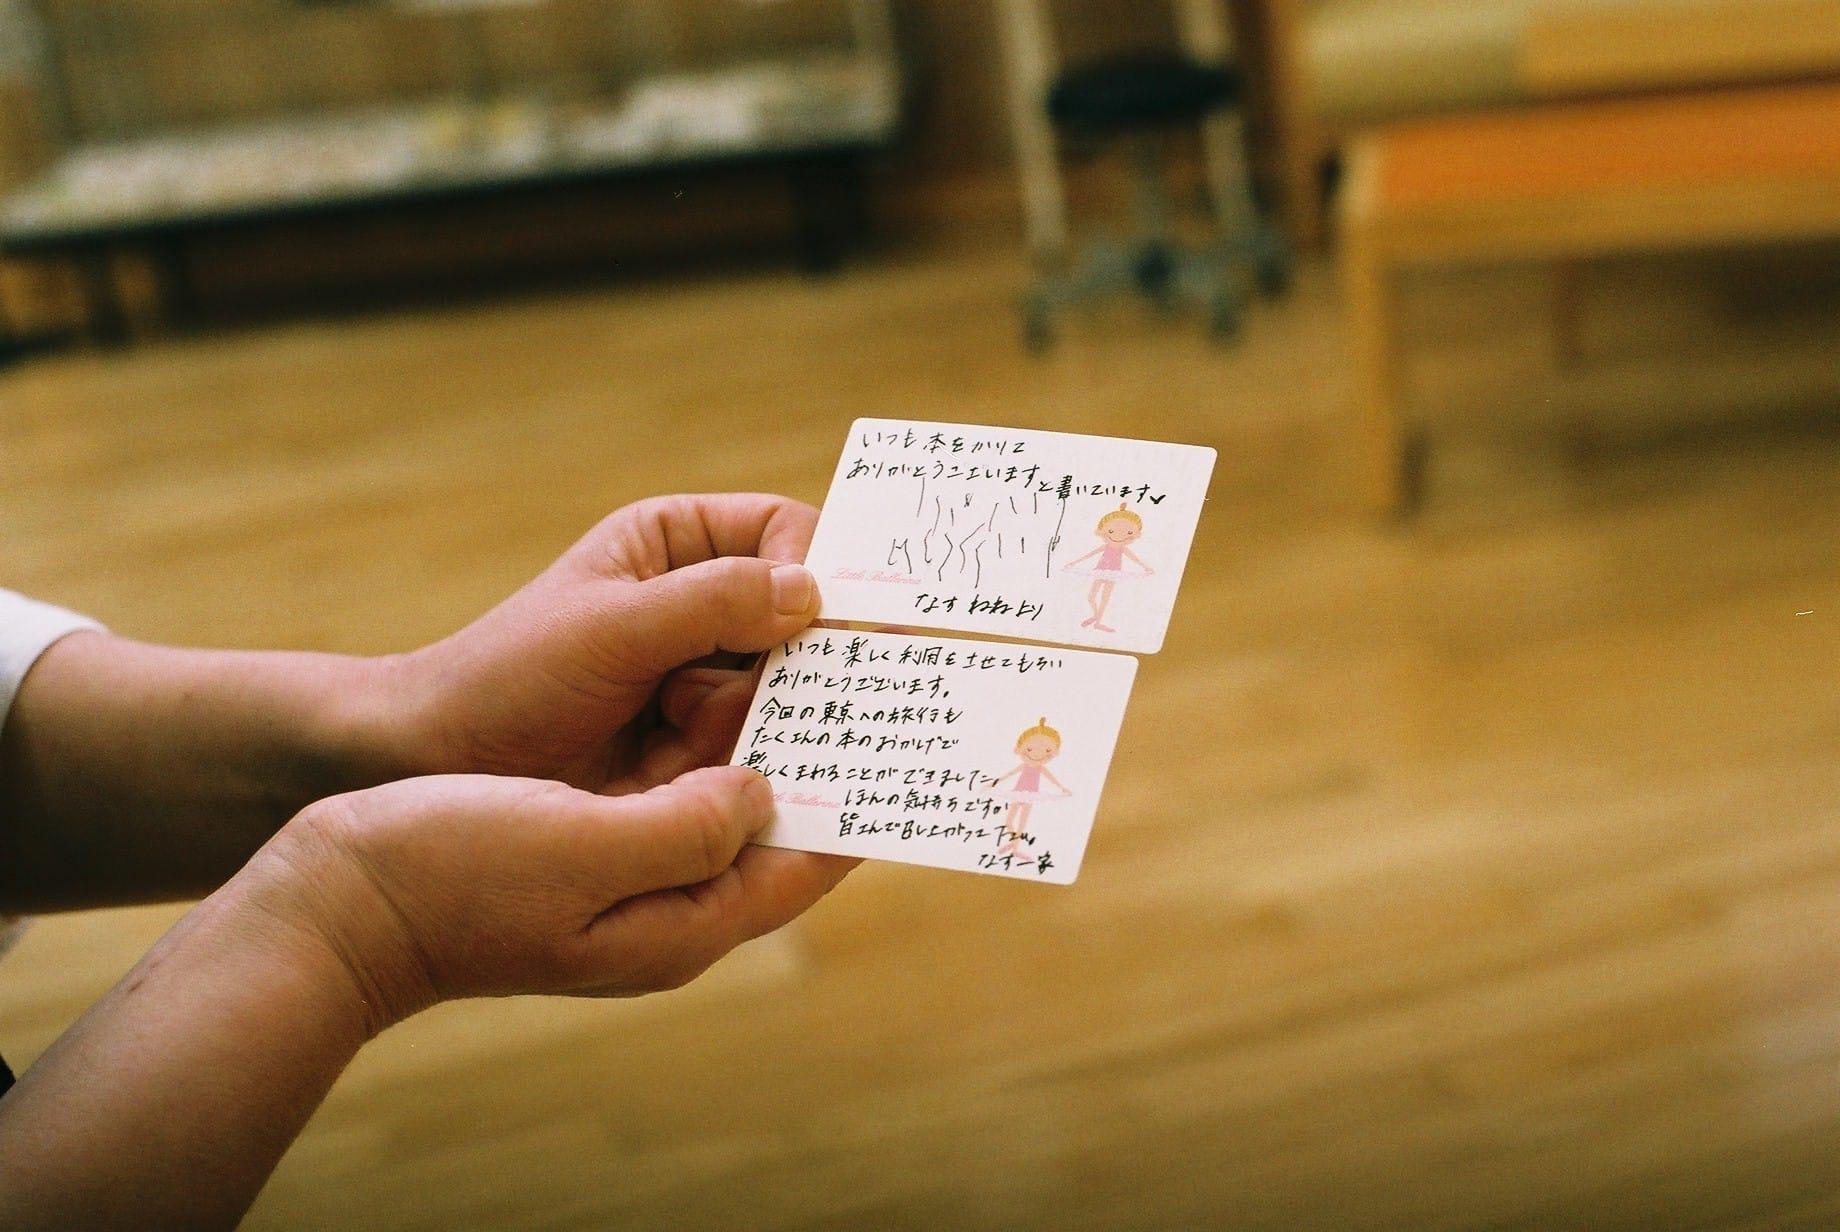 「見様見真似の文字が、すごくかわいくて」と、土井さん。常連のねねちゃん家族が東京ディズニーランドに行くと聞いて、ガイドブックを探して手渡したそう。そのお礼にもらったというお手紙は、机の上に大切に飾っている。